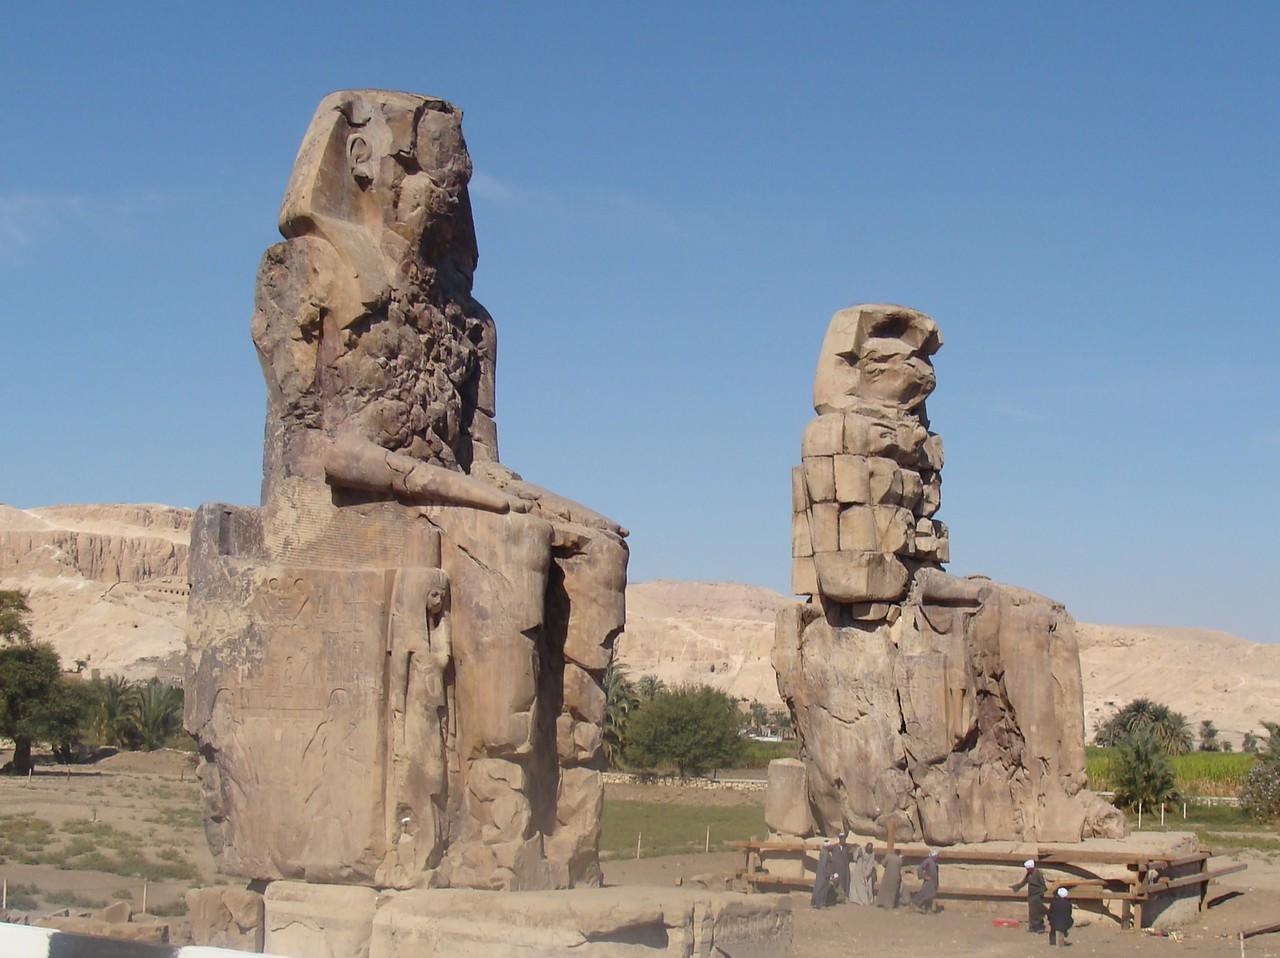 Statue of Memnon